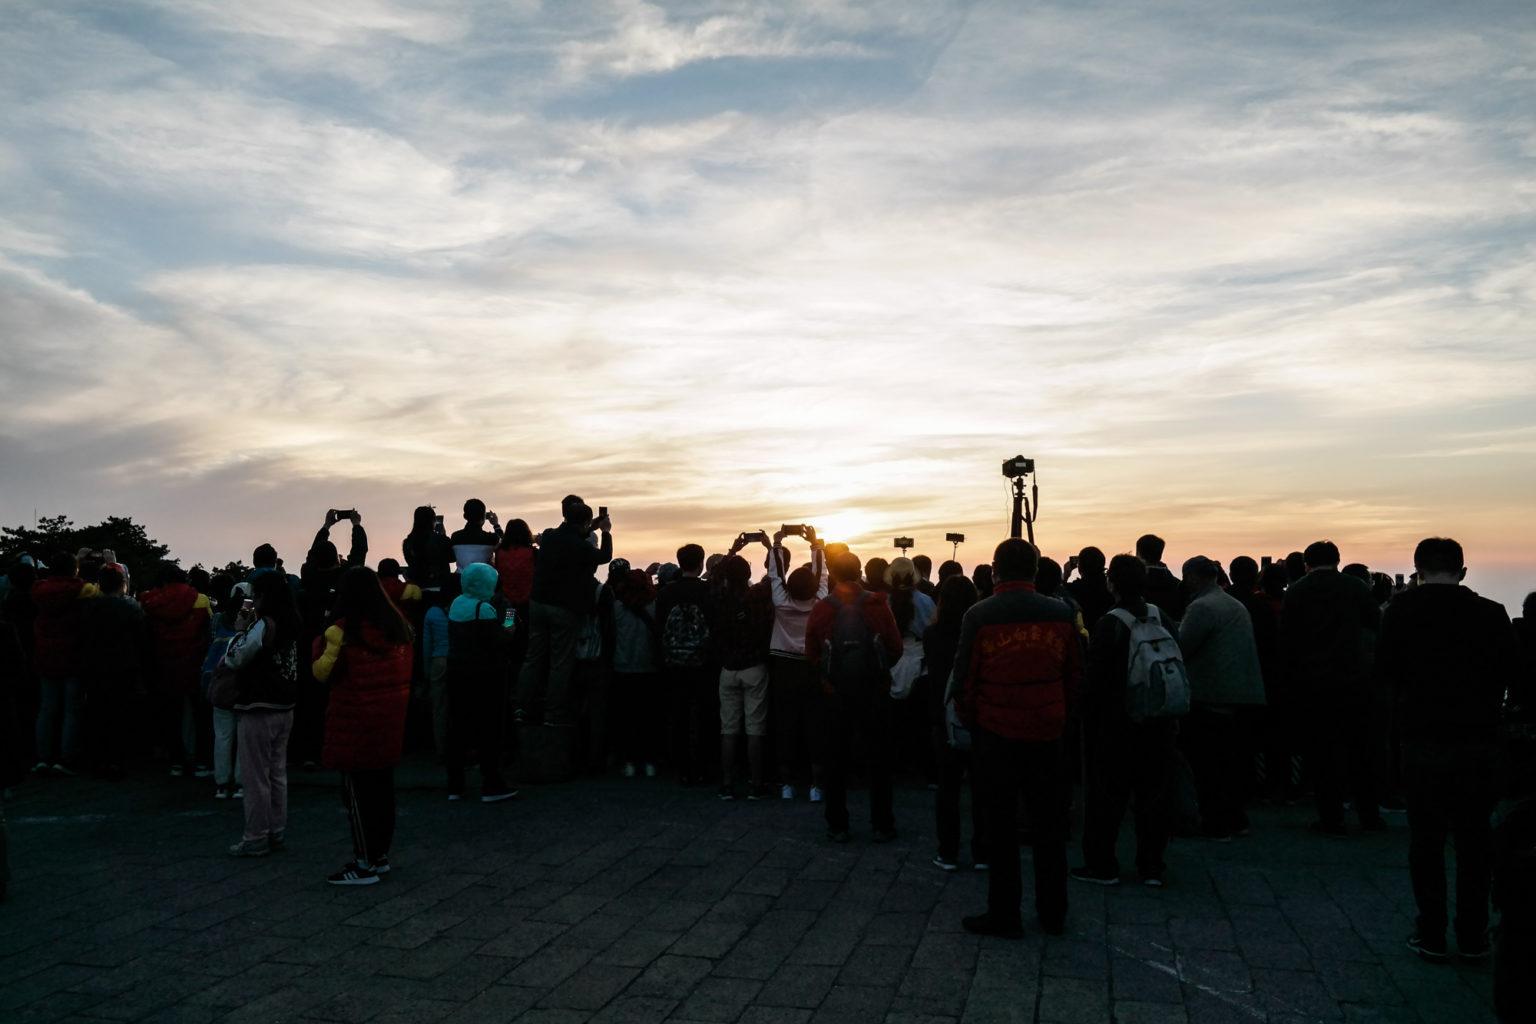 Tłumy na zachodzie słońca